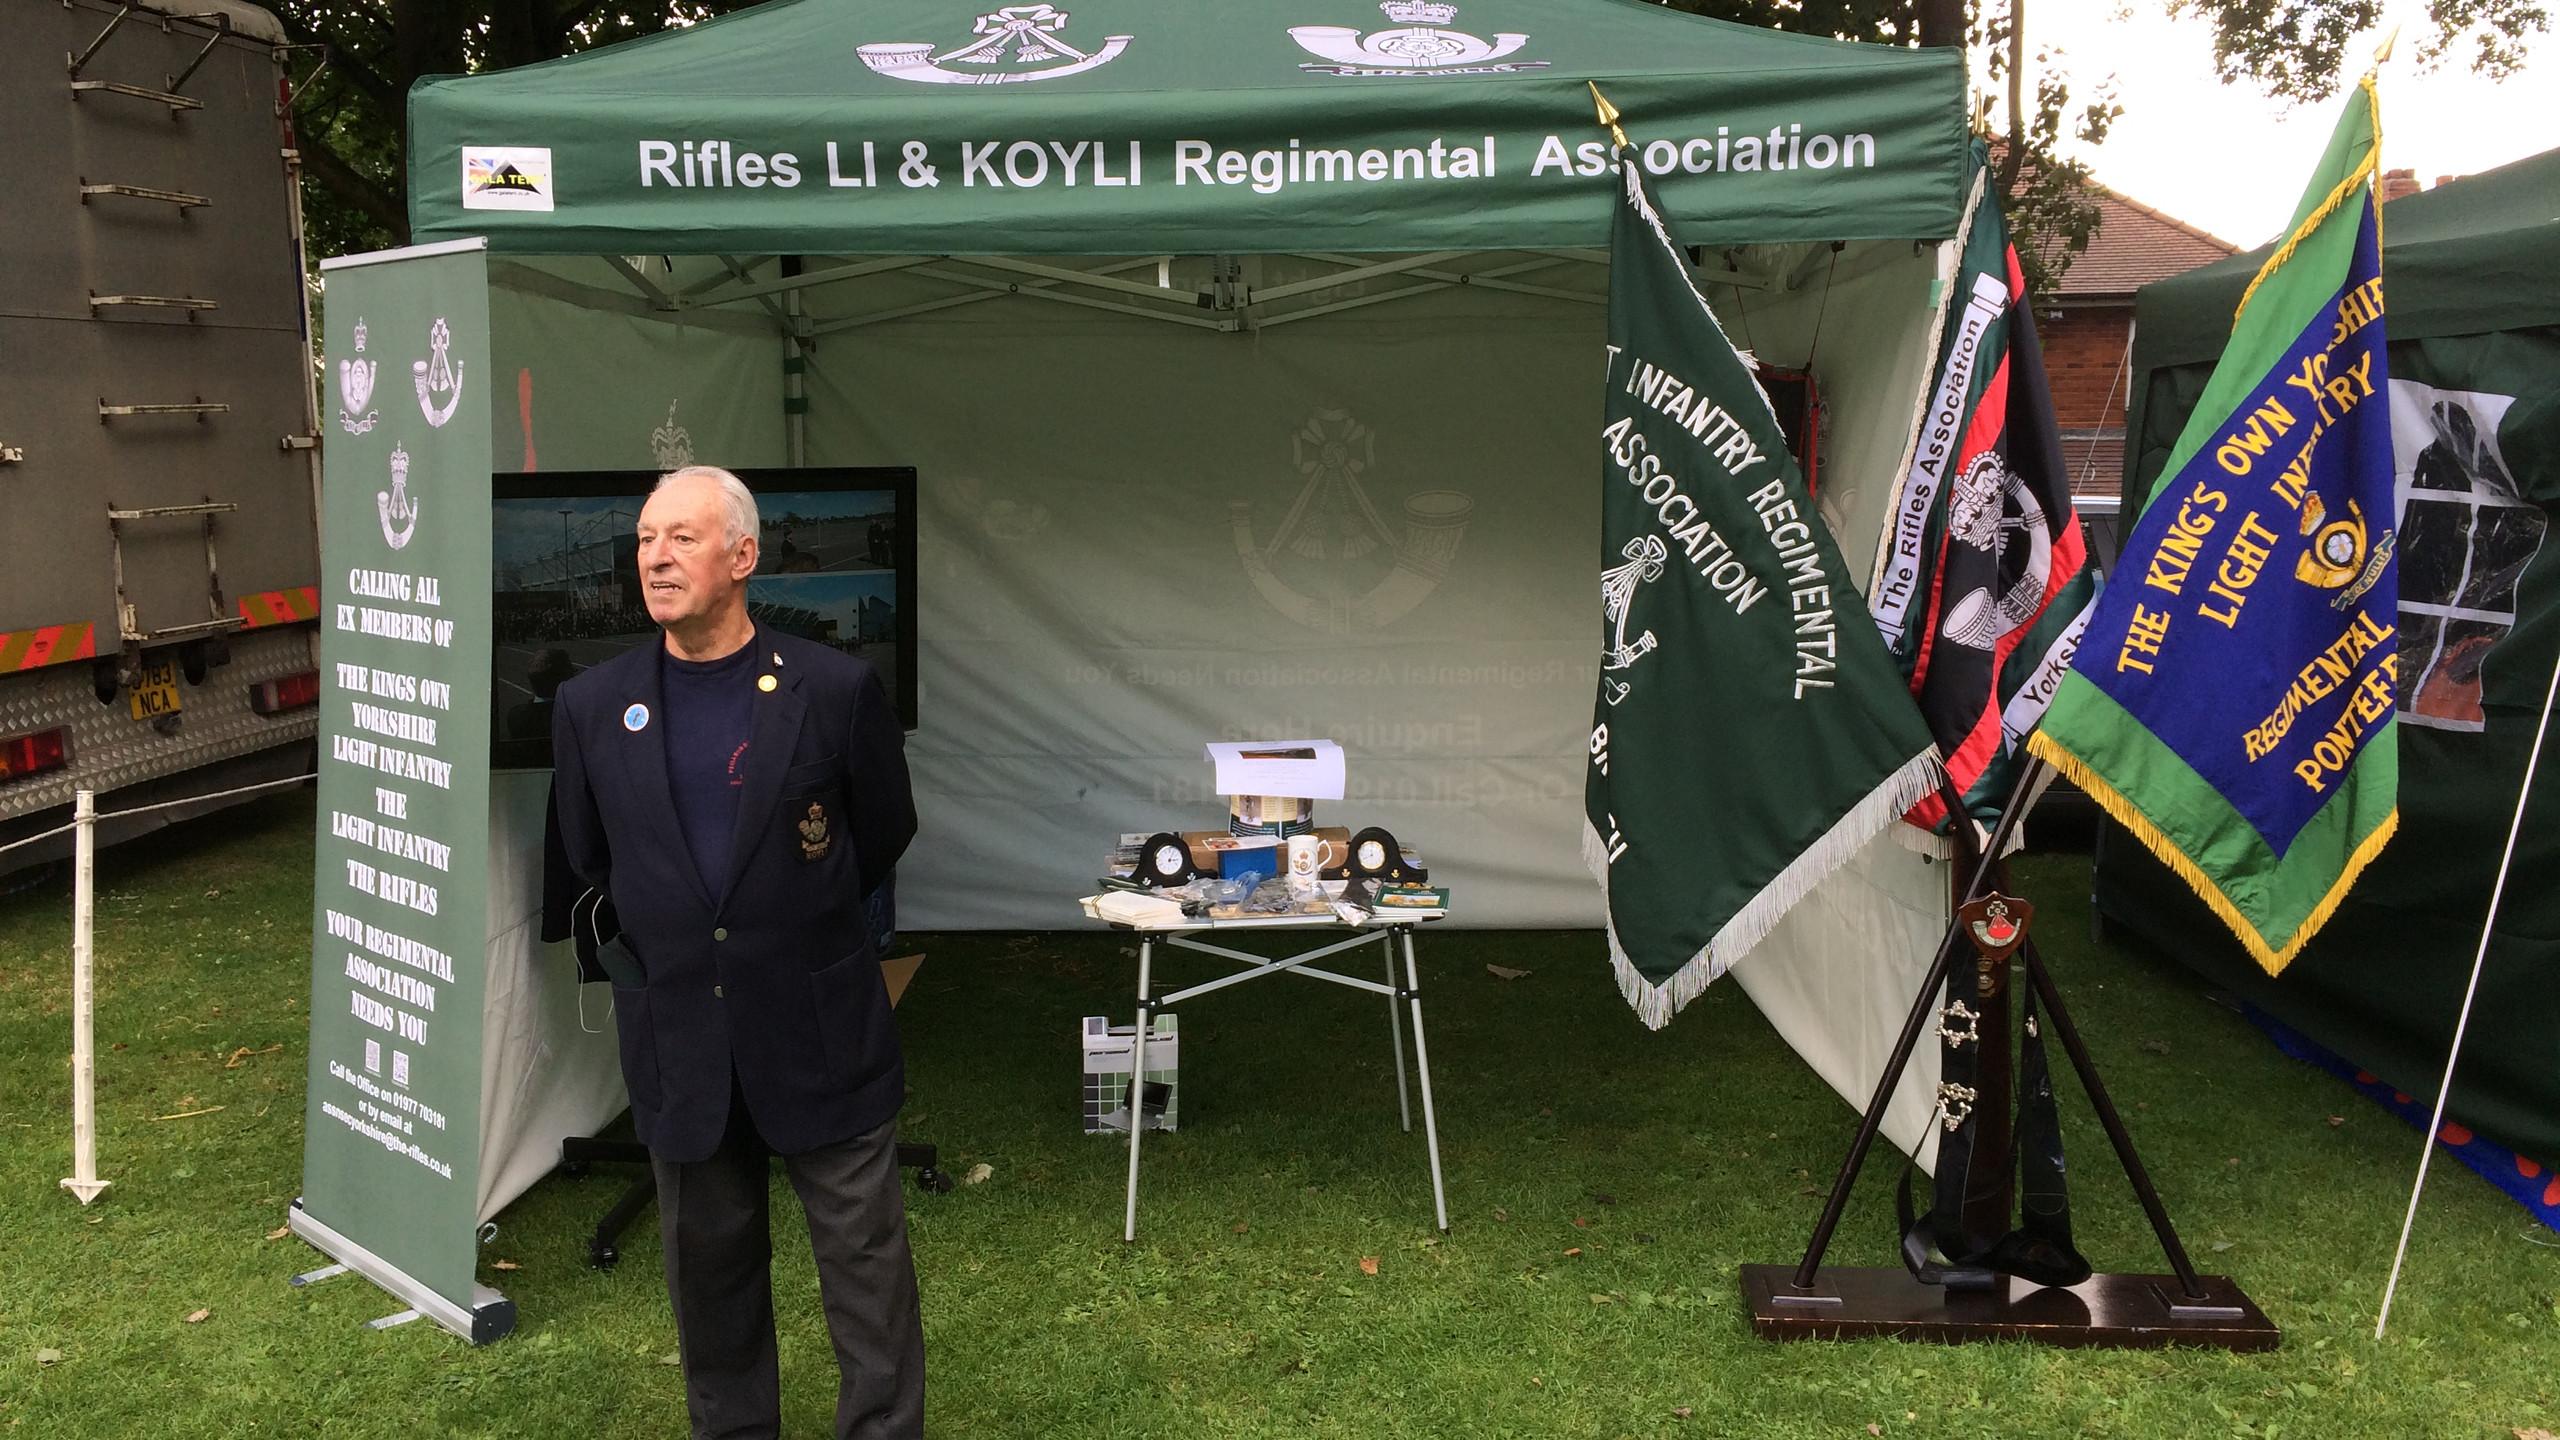 IMG_0756South Kirkby gala 2017 03